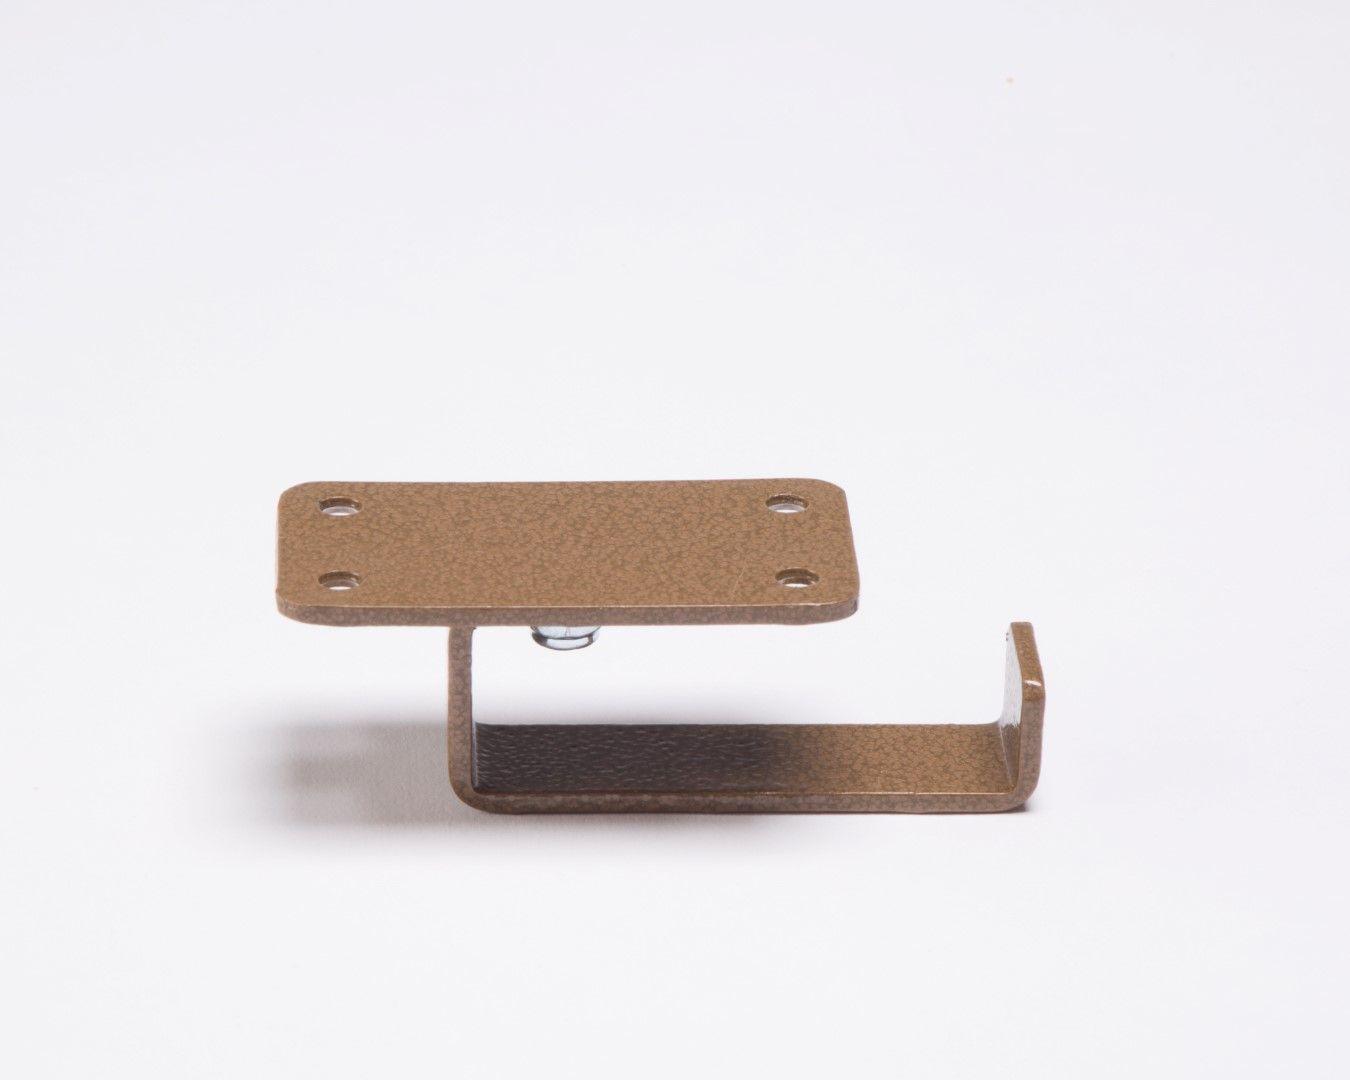 Purse Hook, A Flush Mounted Table Hook, Swivel Mounted Table Hook